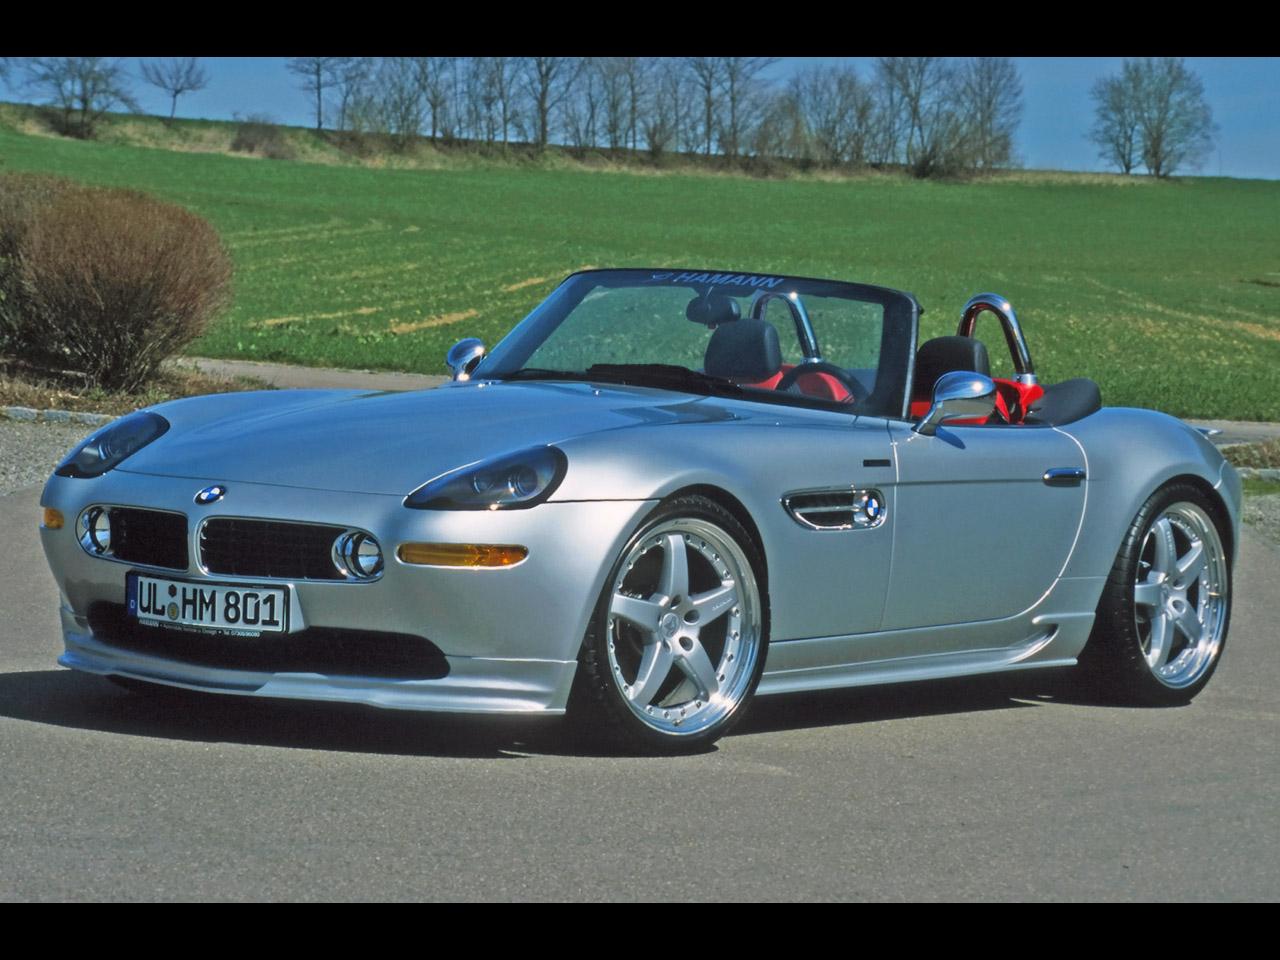 2002 Bmw Z8 Image 10